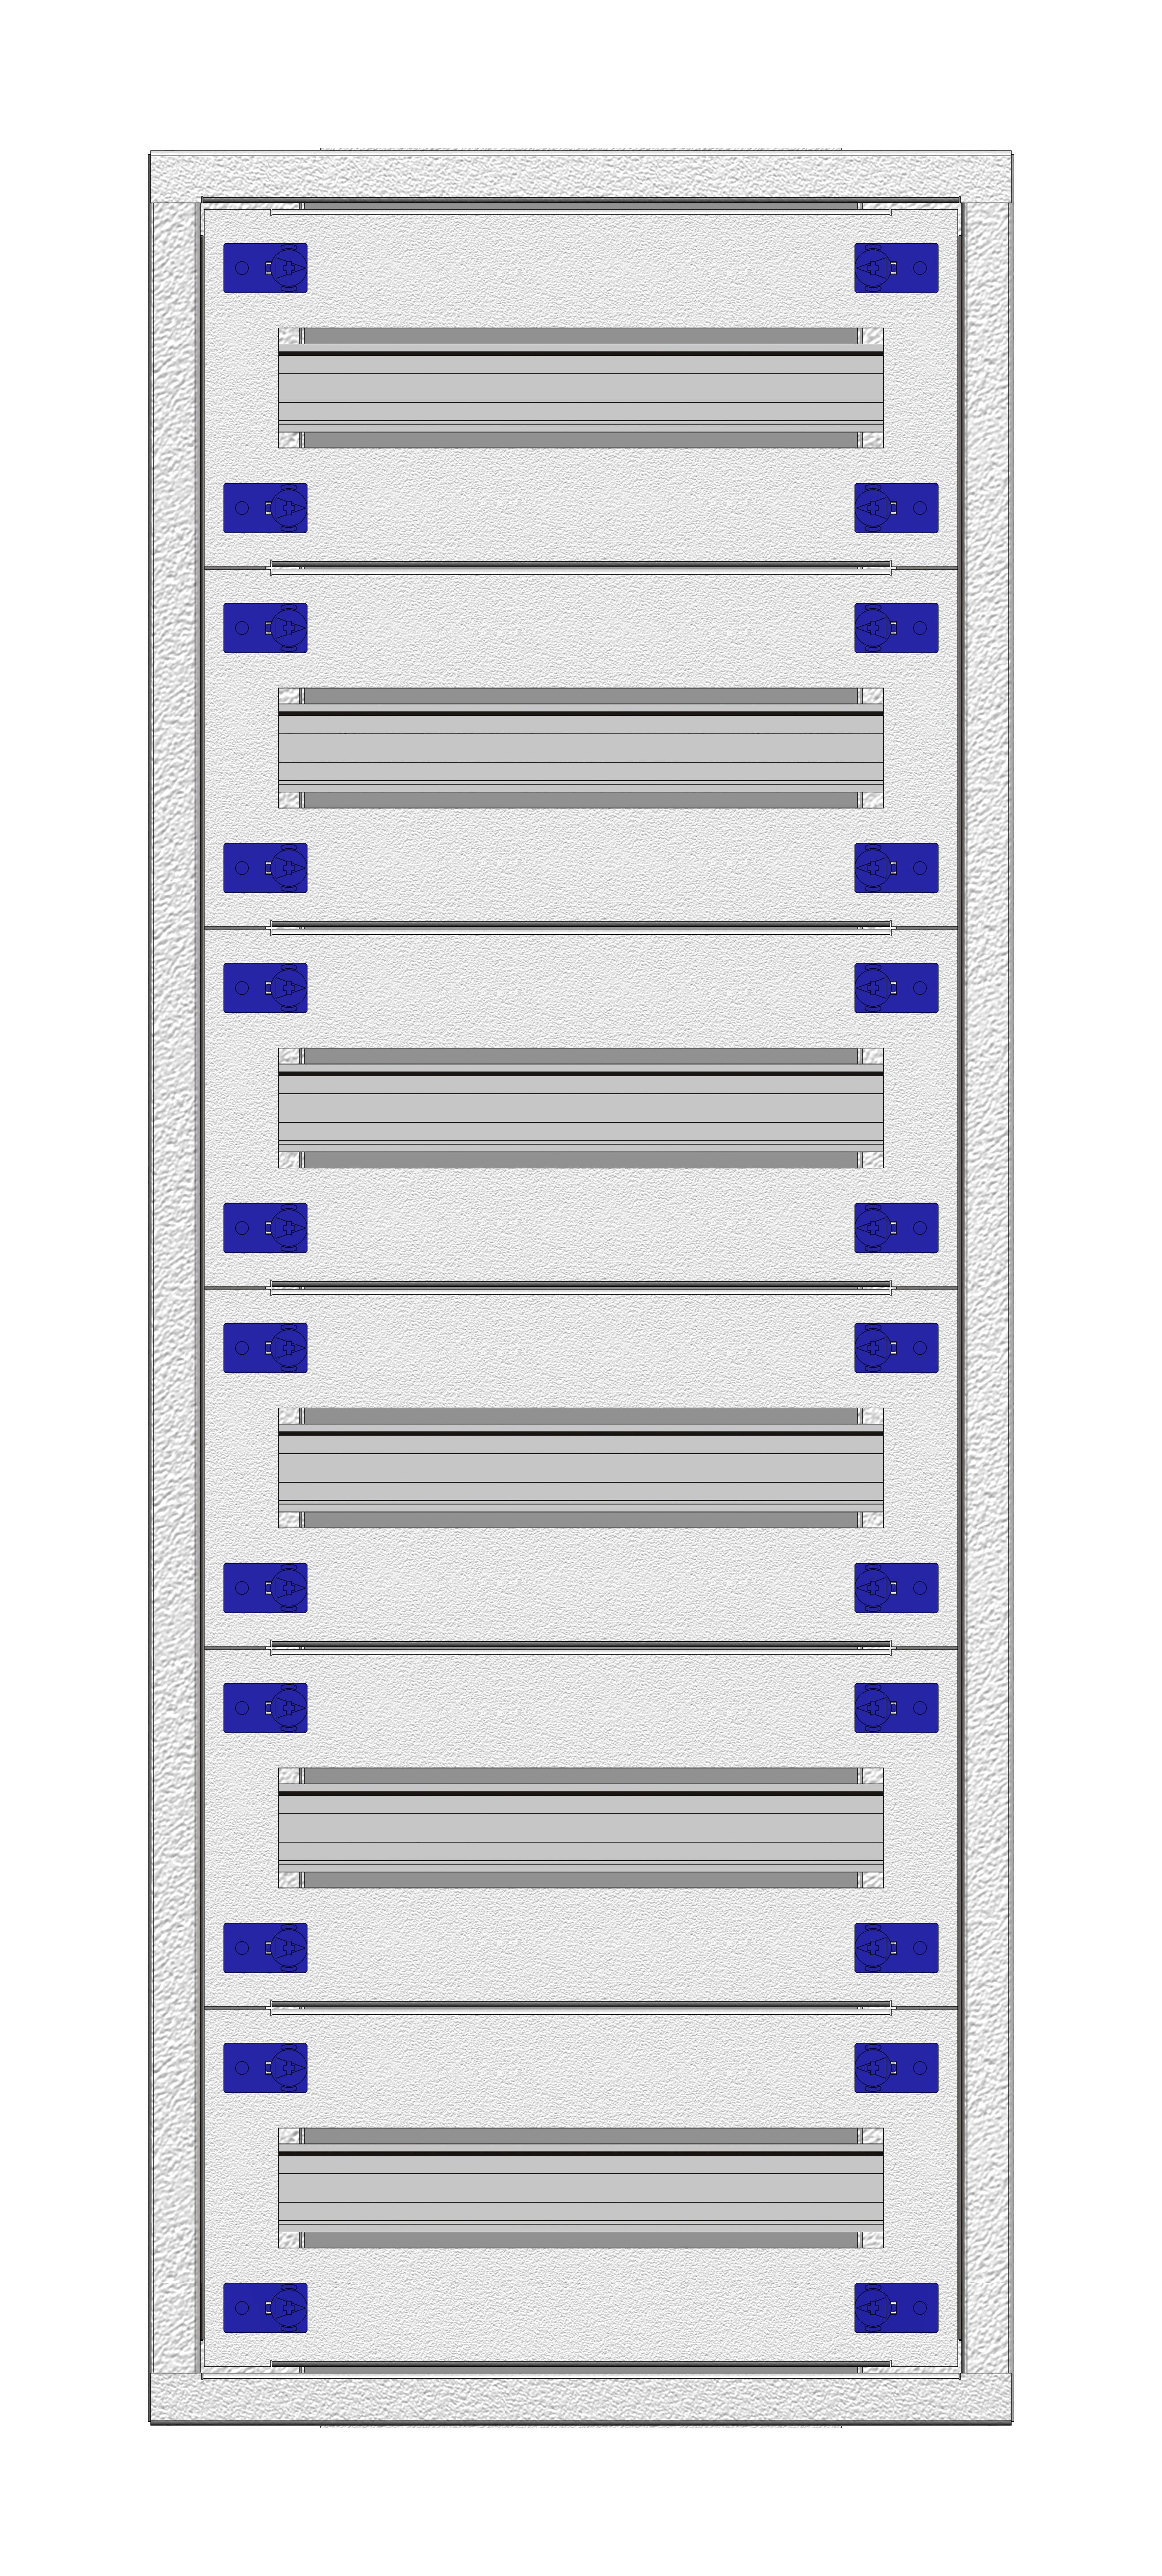 1 Stk Installationsverteiler Einsatz 1-18K, 6-reihig, Stahlblech IL148118--